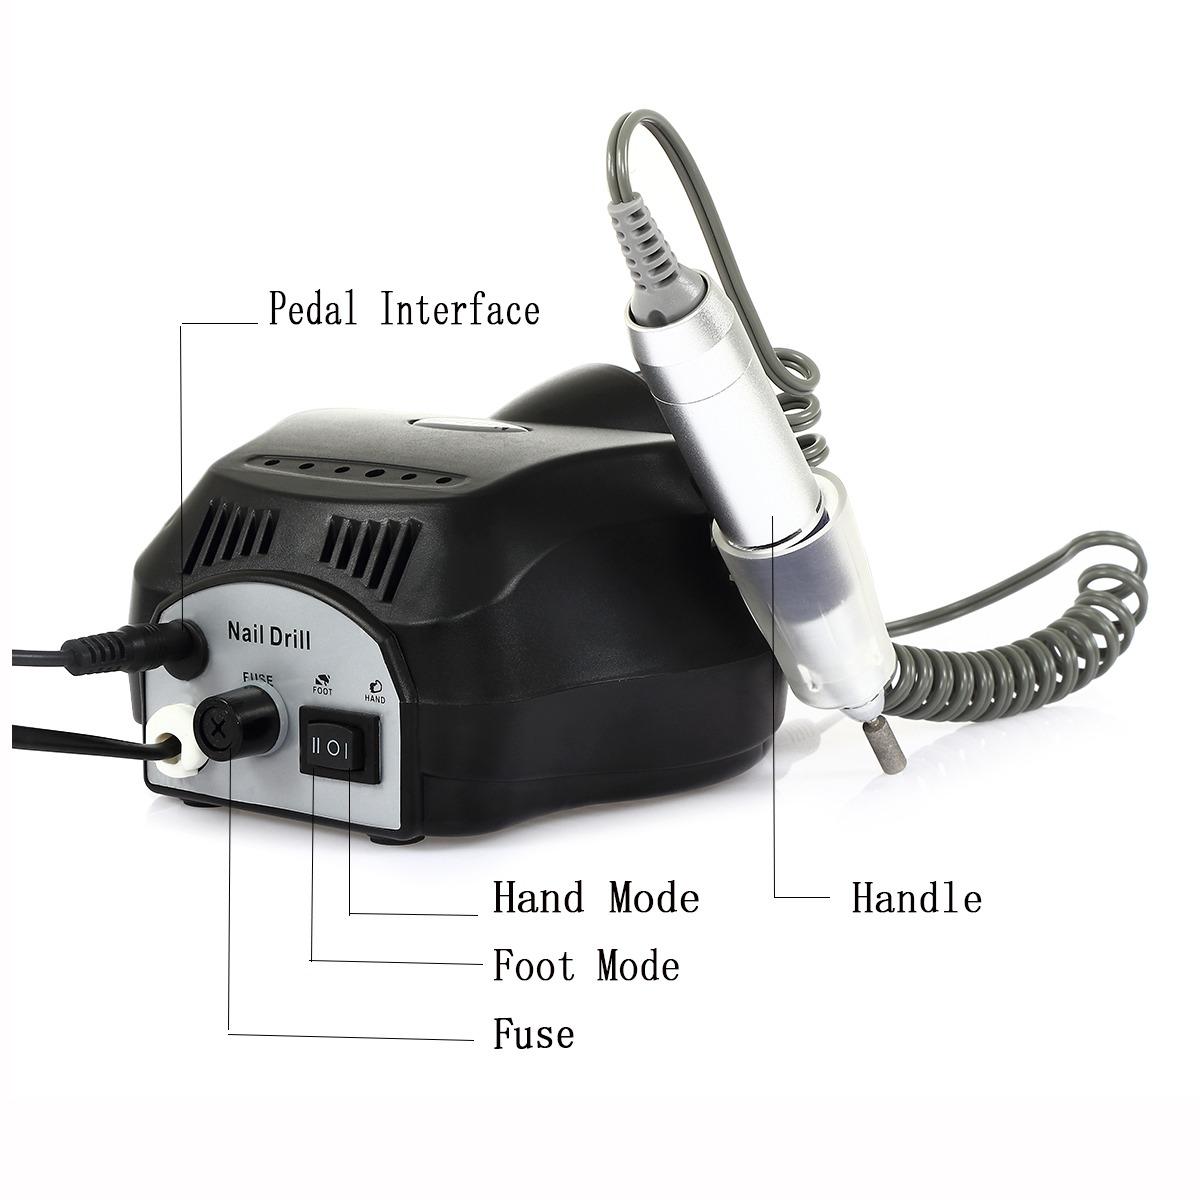 Máquina Perforadora Pulidora De Uñas Eléctrica - $ 1,476.63 en ...